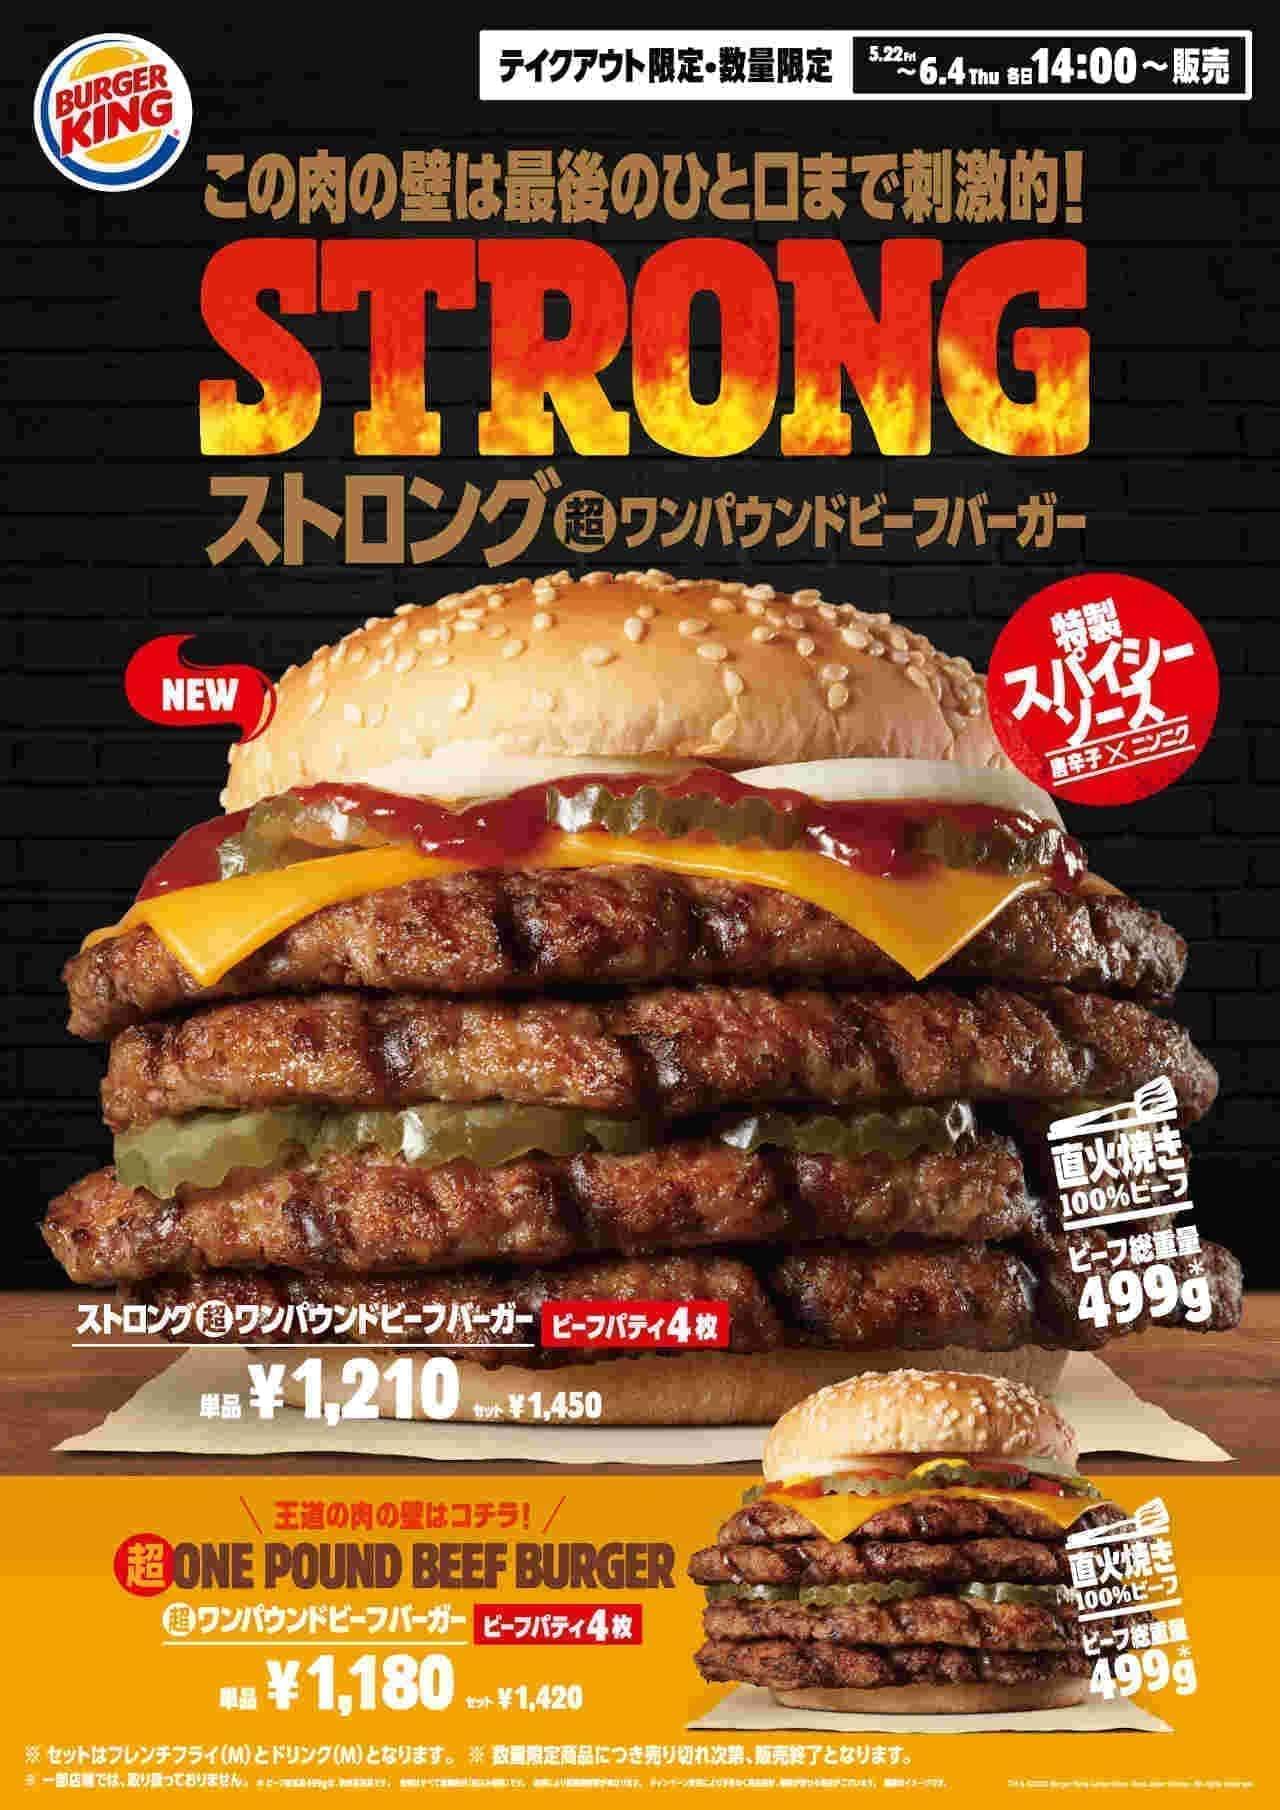 バーガーキング「ストロング超ワンパウンドビーフバーガー」